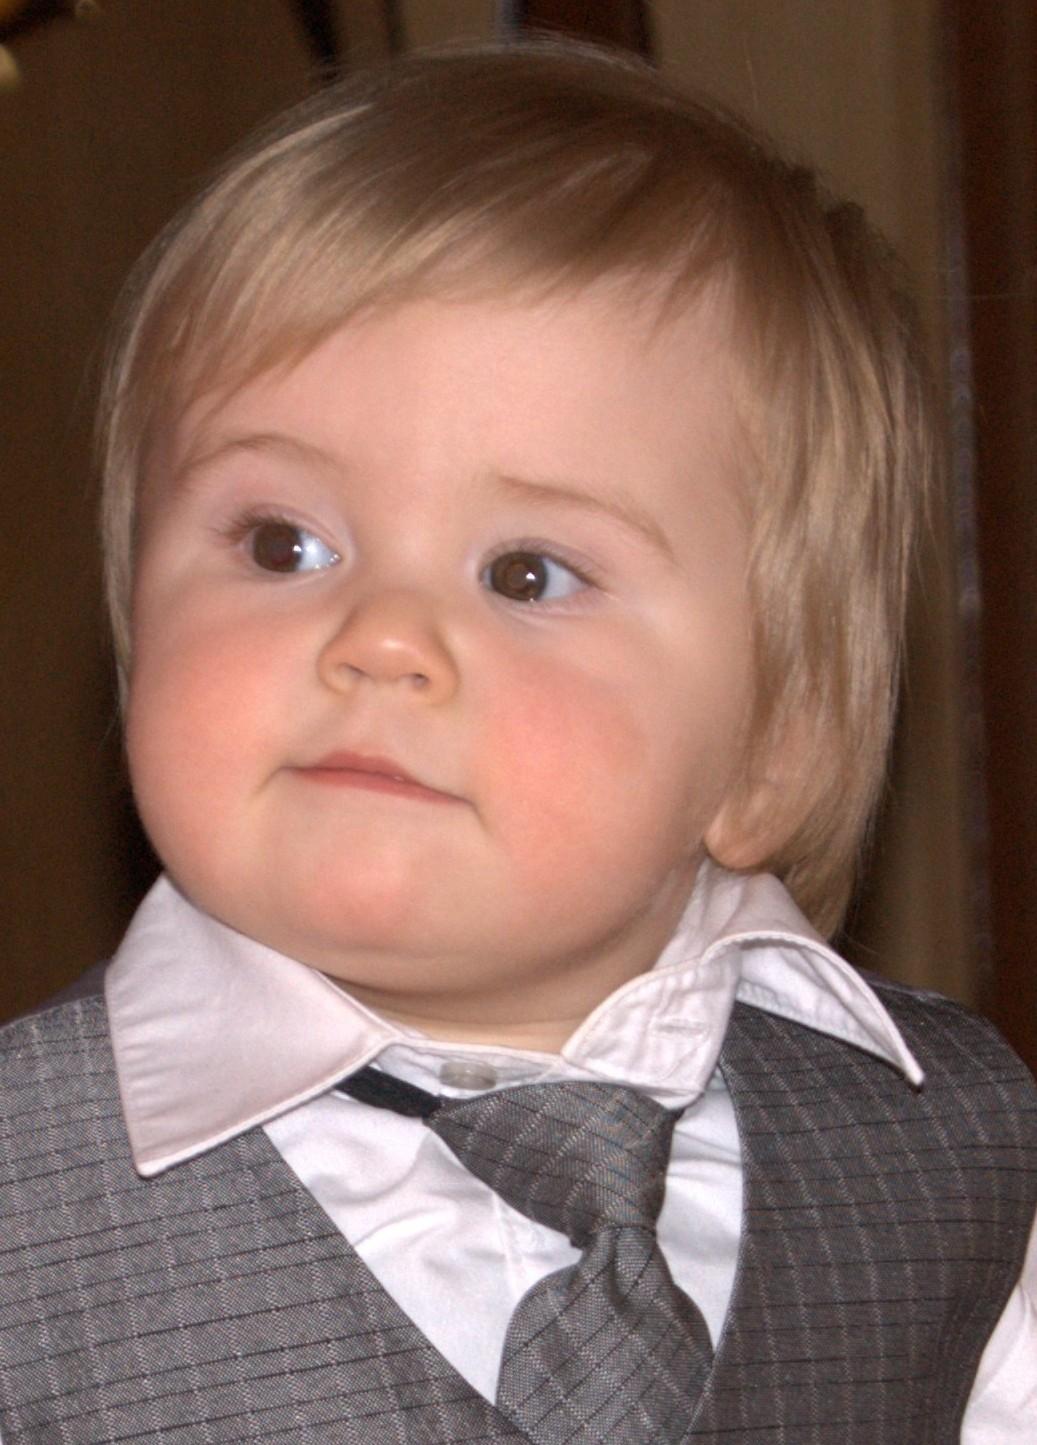 Михаил Дмитриевич, 1 год. Малыш на обложку